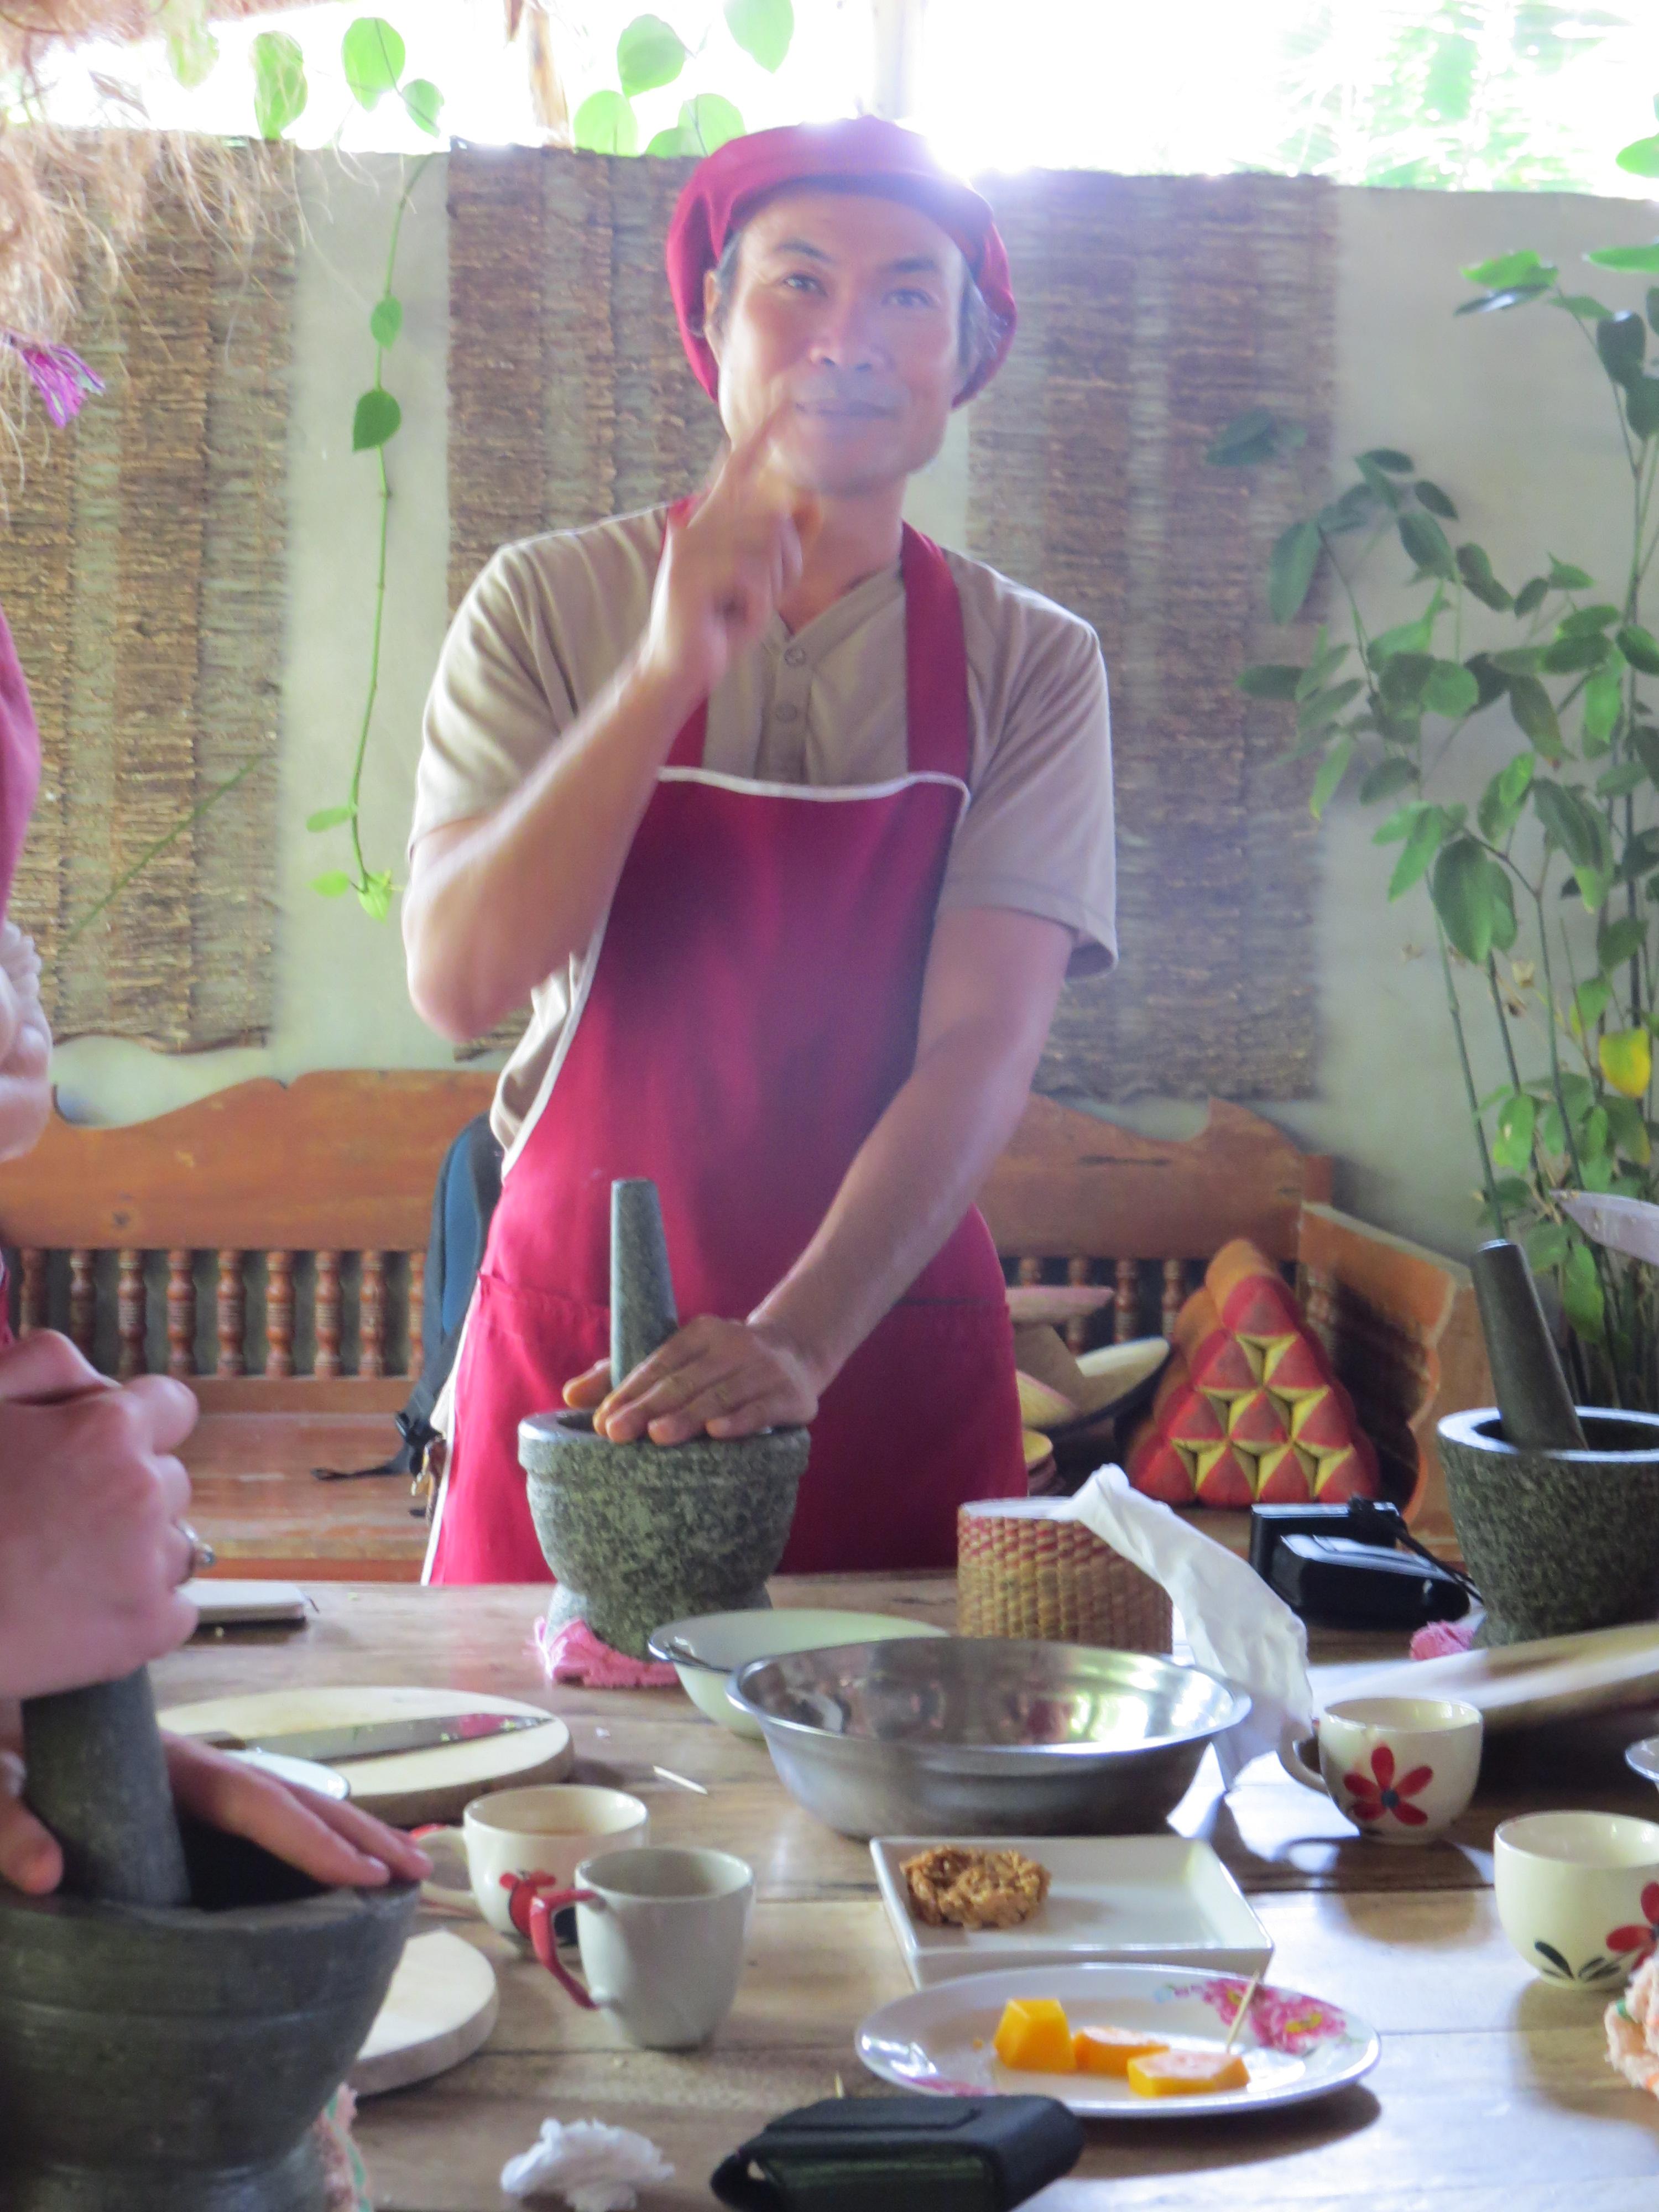 Kolejne towarzyskie zajecie podczas gotowania – ucieranie pasty curry. Dlaczego towarzyskie? Jeden z powodów to fakt, ż Enei można patrzeć się w swój moździerz, bo pryśnięcie szczypty pasty do oczu kończy się sromotnym płaczem.